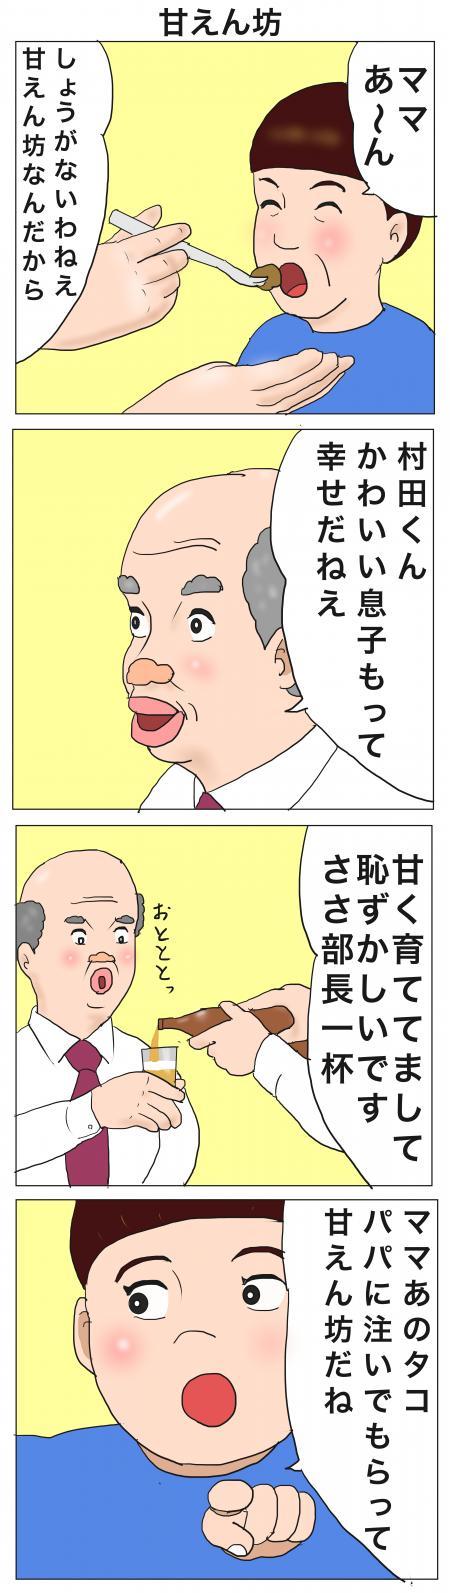 甘えん坊+のコピー_convert_20150209215348